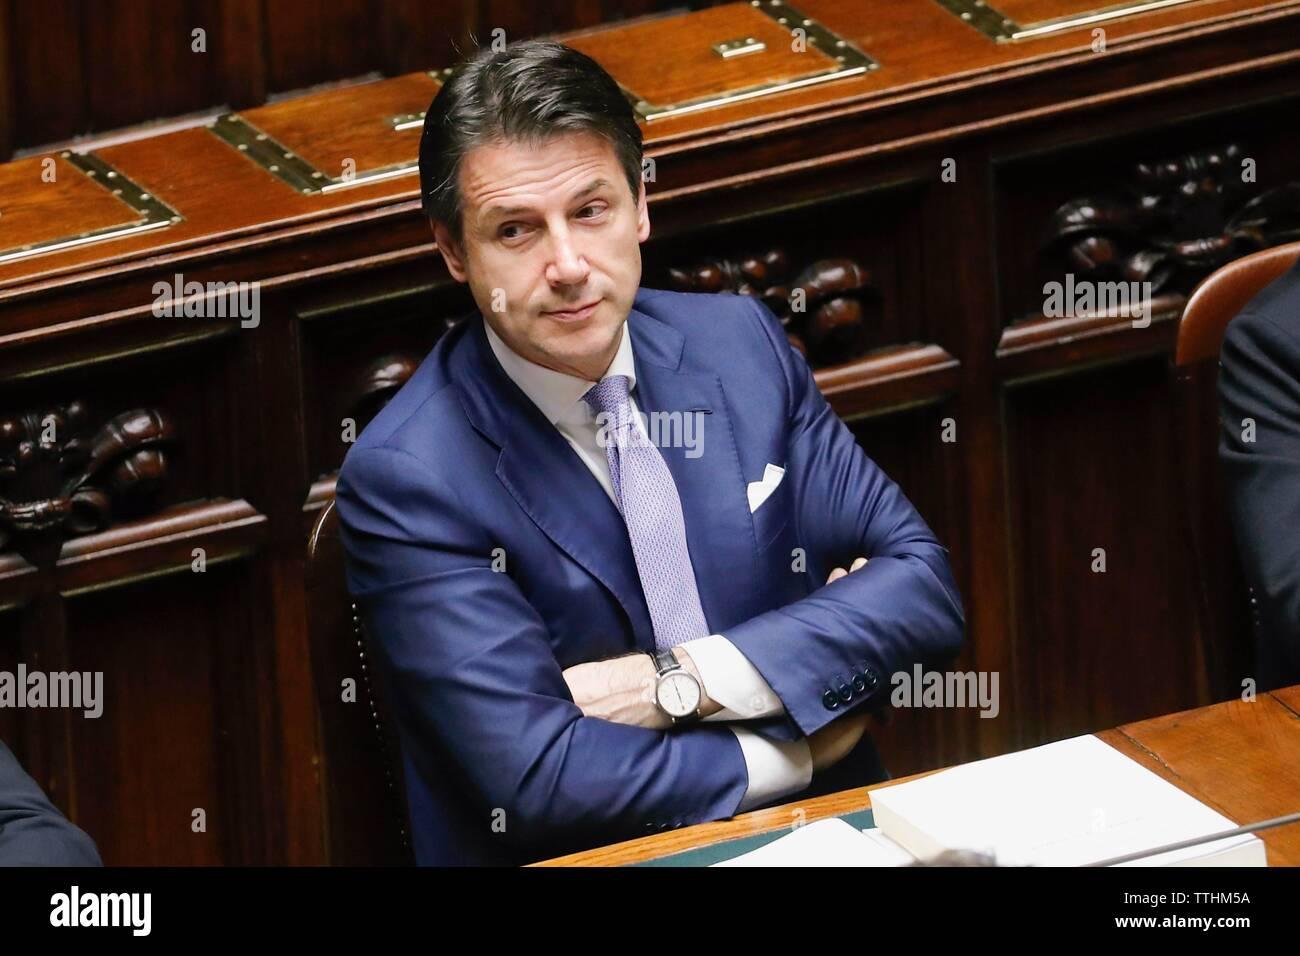 Ministerpräsident Giuseppe Conte in der Sitzung in die Kammer für das Vertrauen in die finanziellen Spielraum, Rom, Italien, 29/12/2018 Stockbild